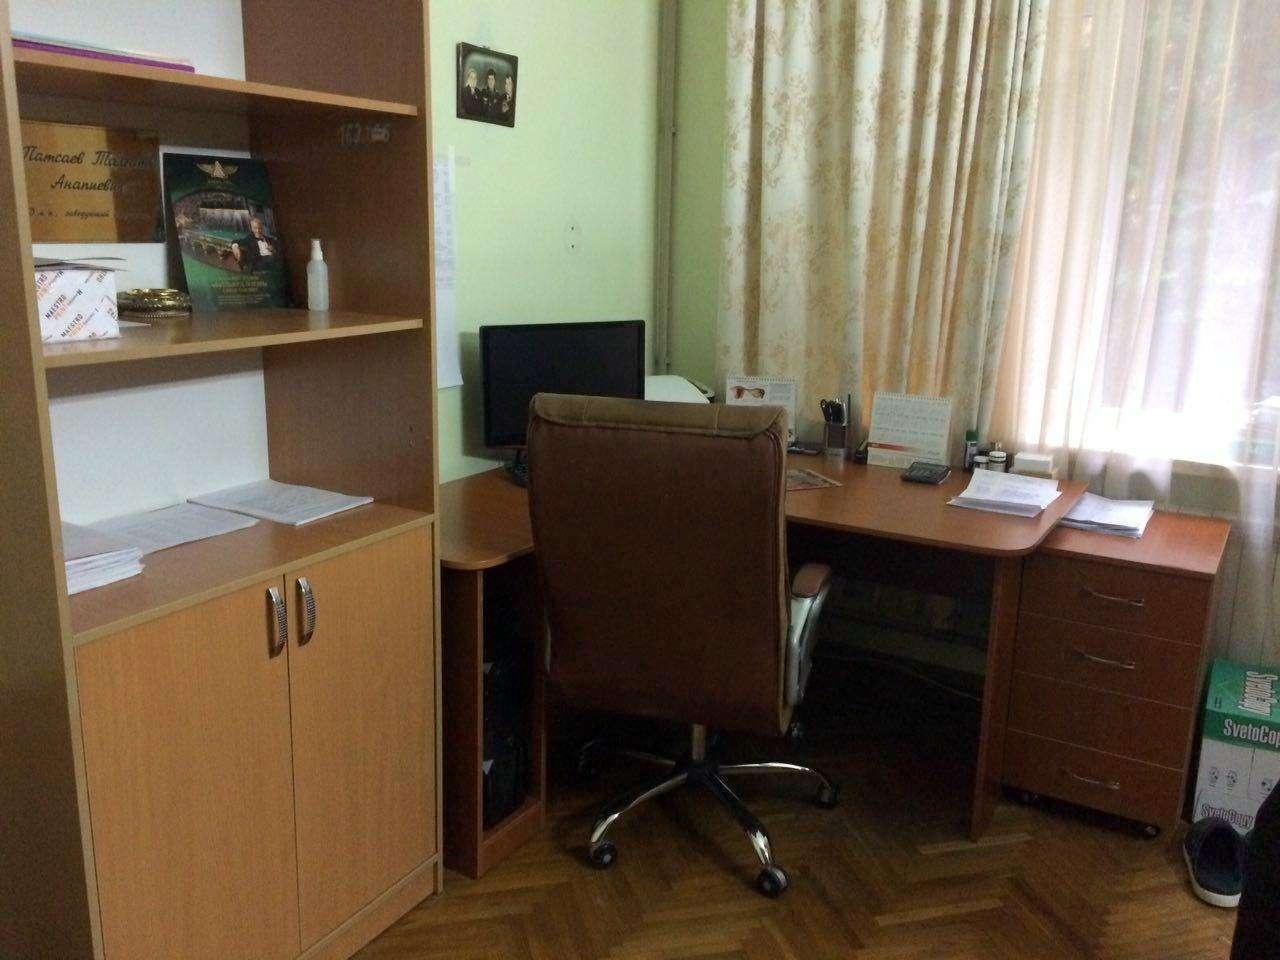 Кабинет, откуда Патсаев вышел вчера в последний раз